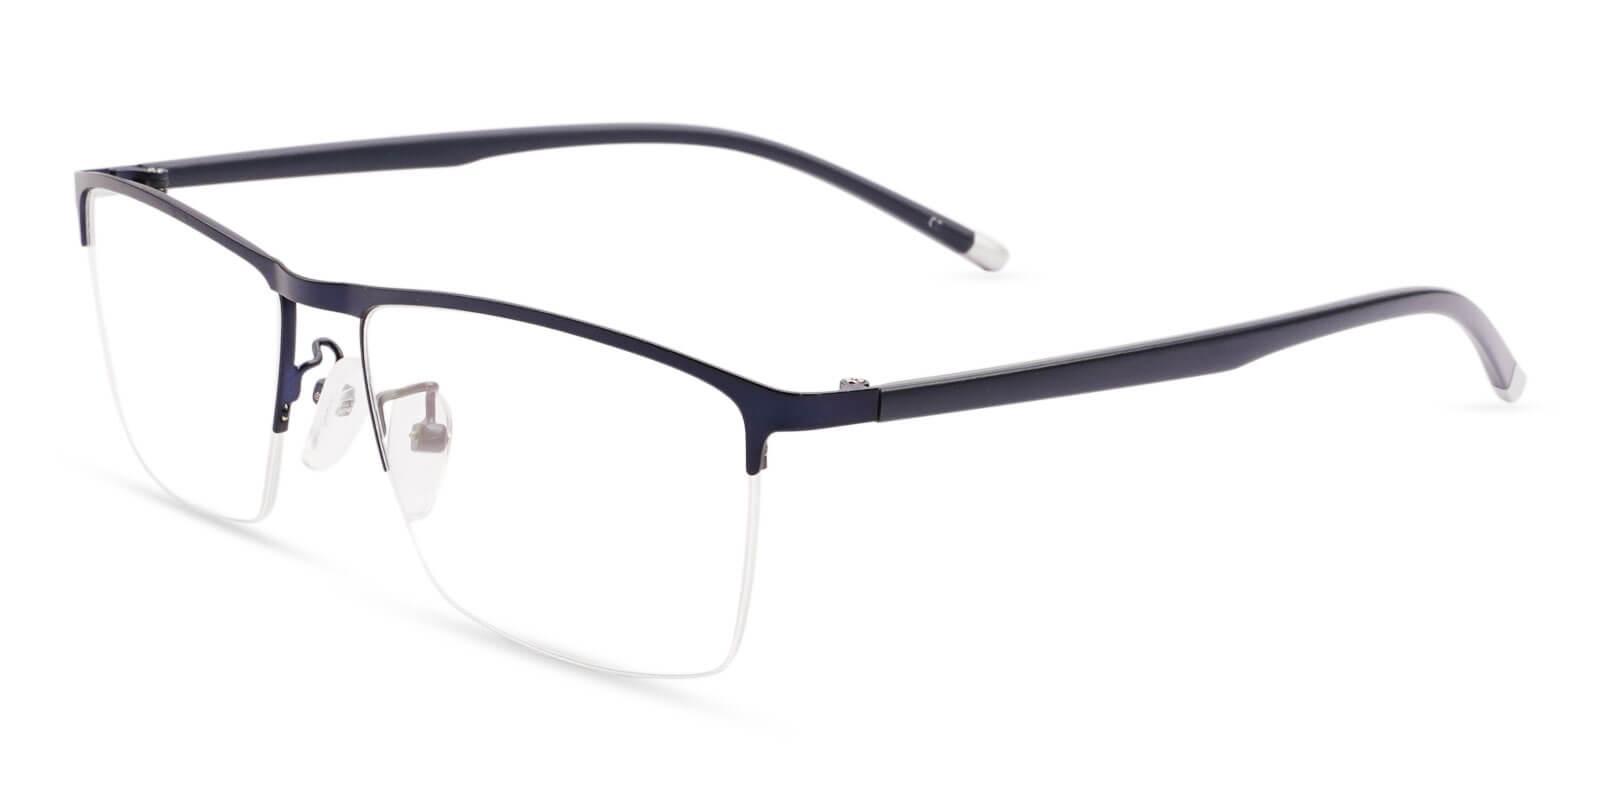 Wyatt Blue Metal Eyeglasses , NosePads Frames from ABBE Glasses